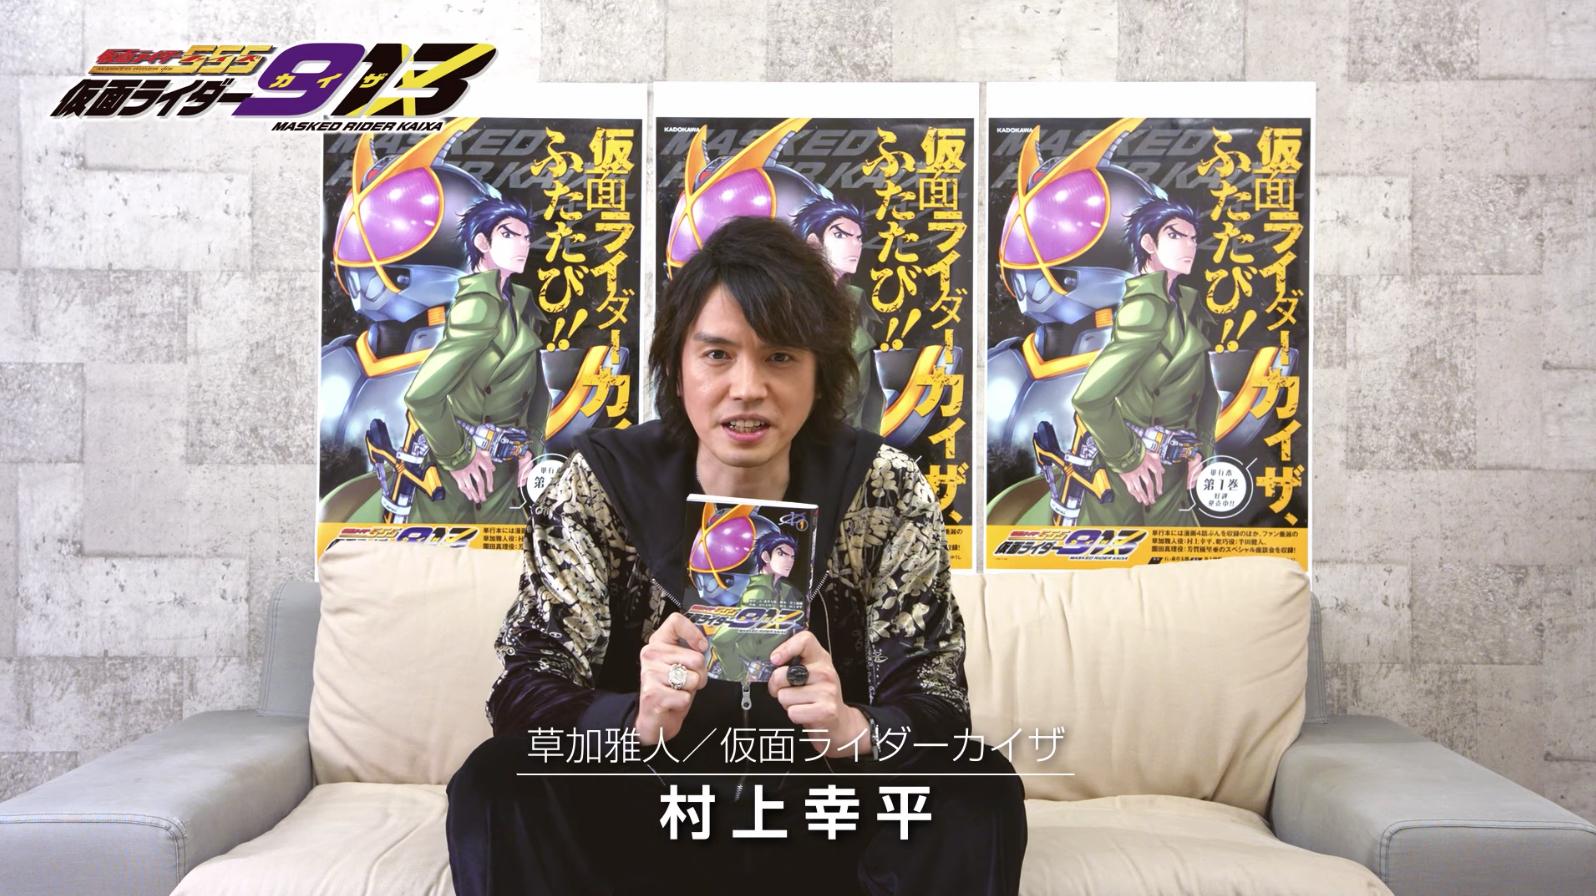 『仮面ライダー555』草加雅人が主人公の『仮面ライダー913』第1巻発売!村上幸平さんらからコメント動画到着